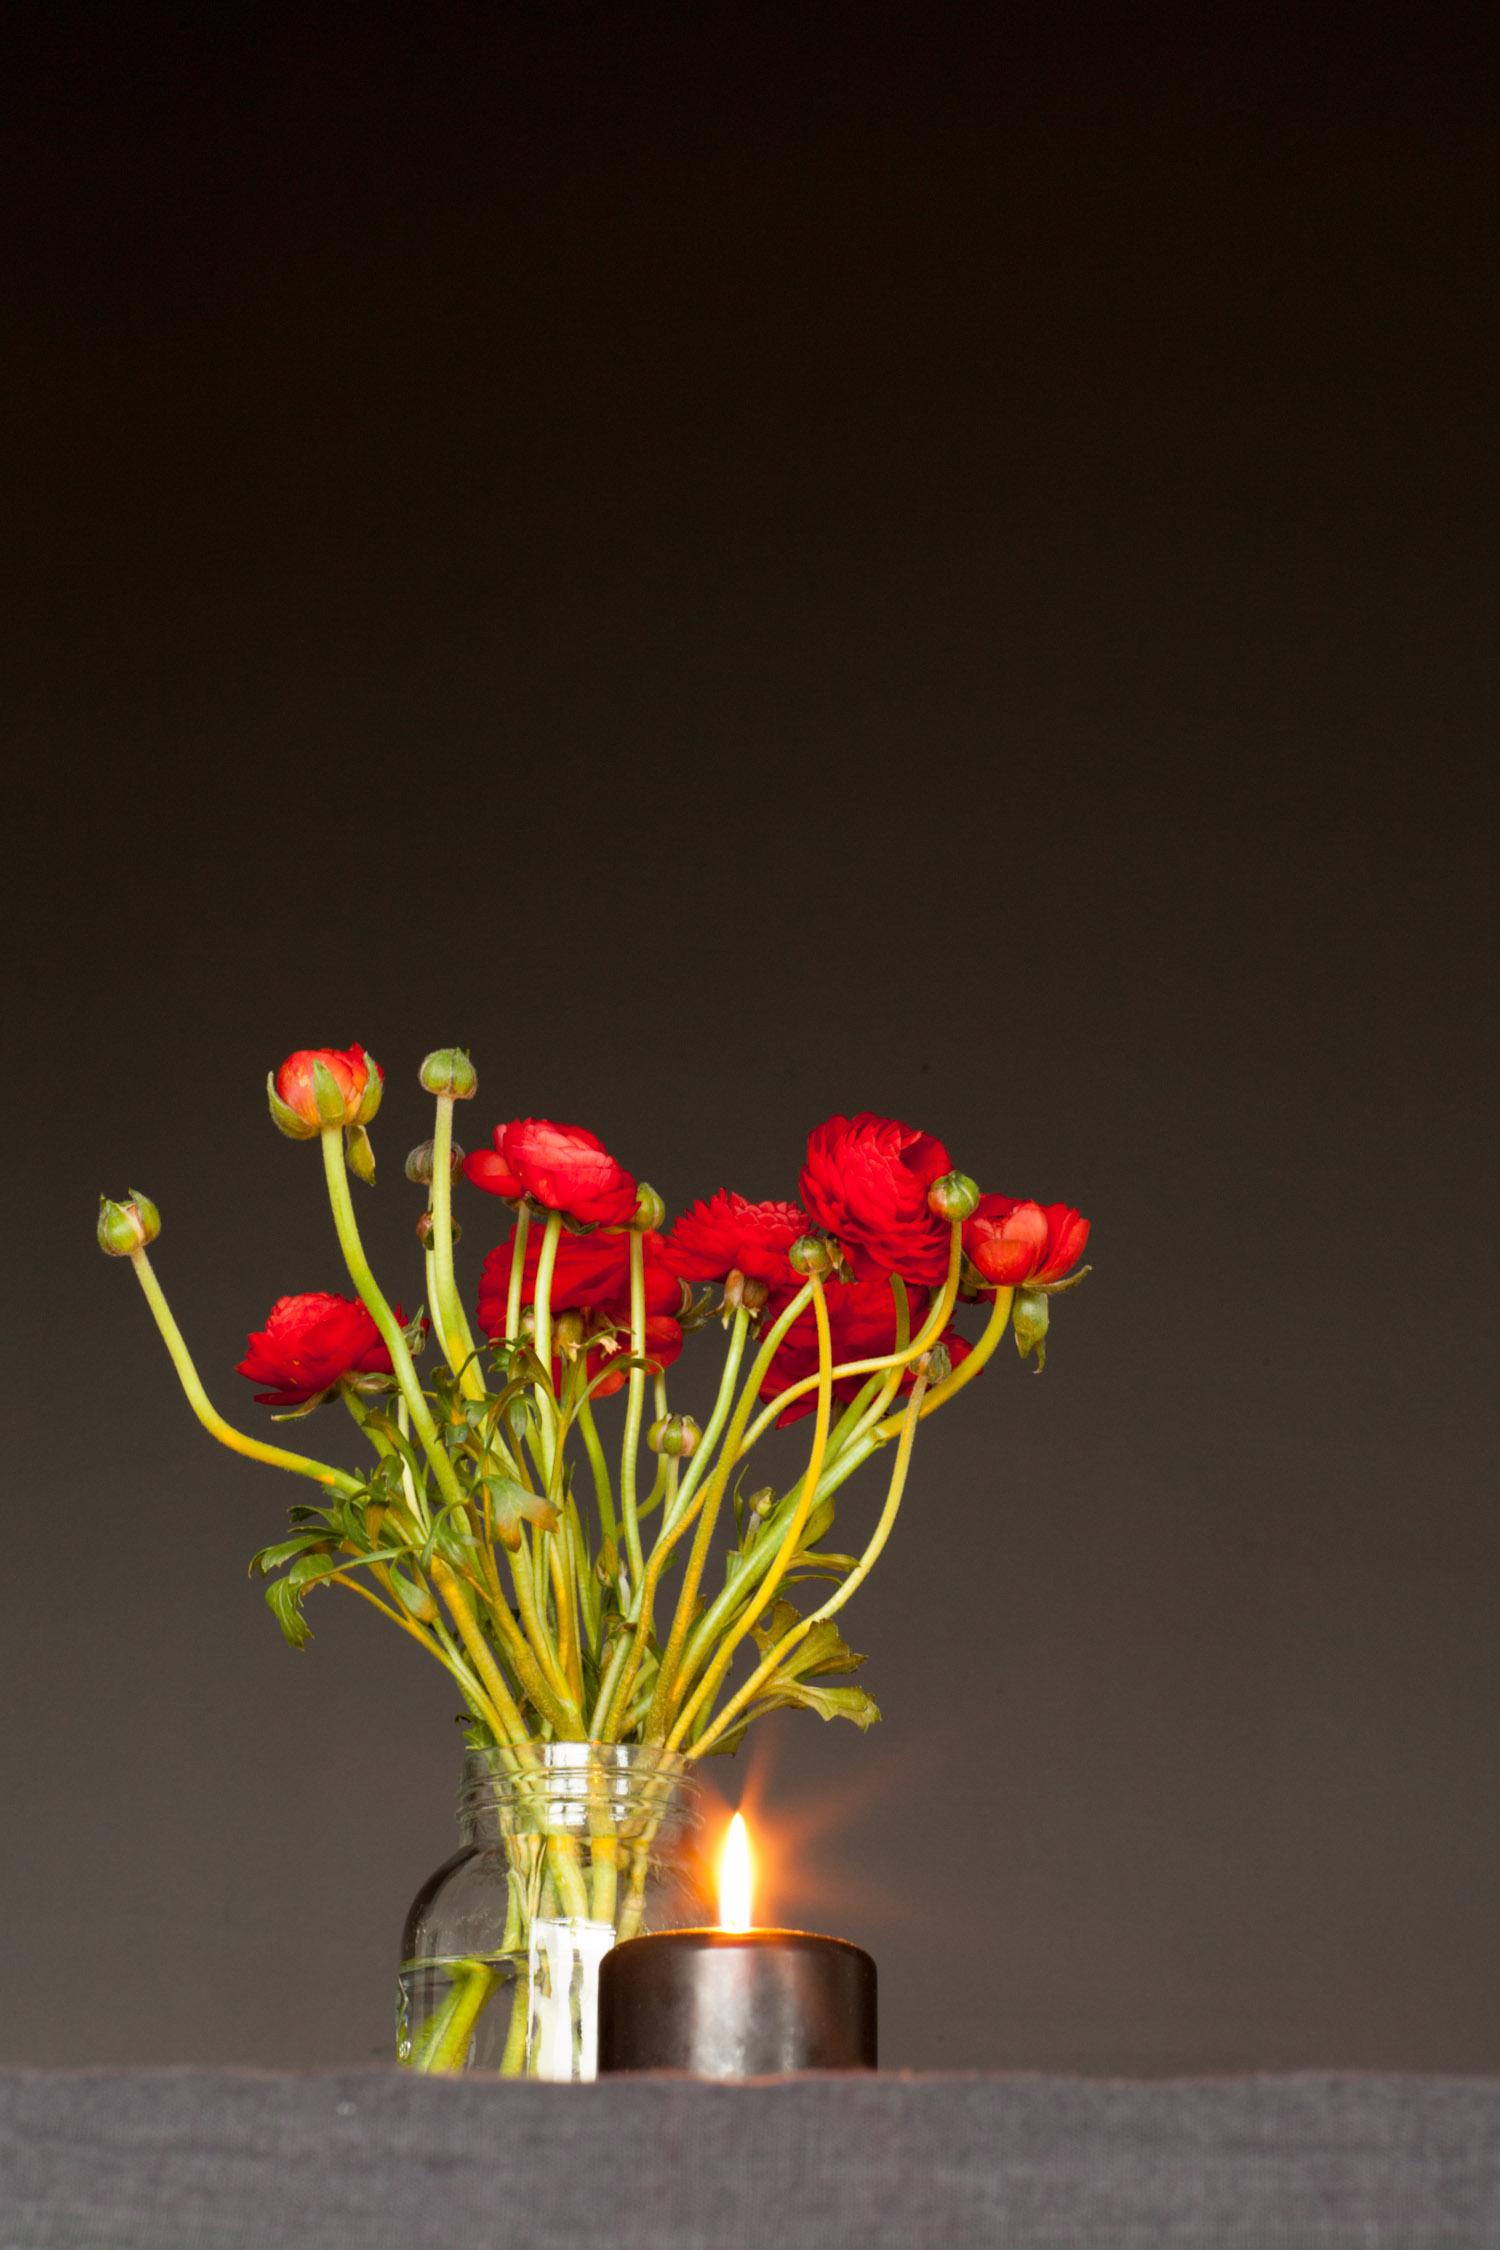 CandleRedBlooms-9916.jpg